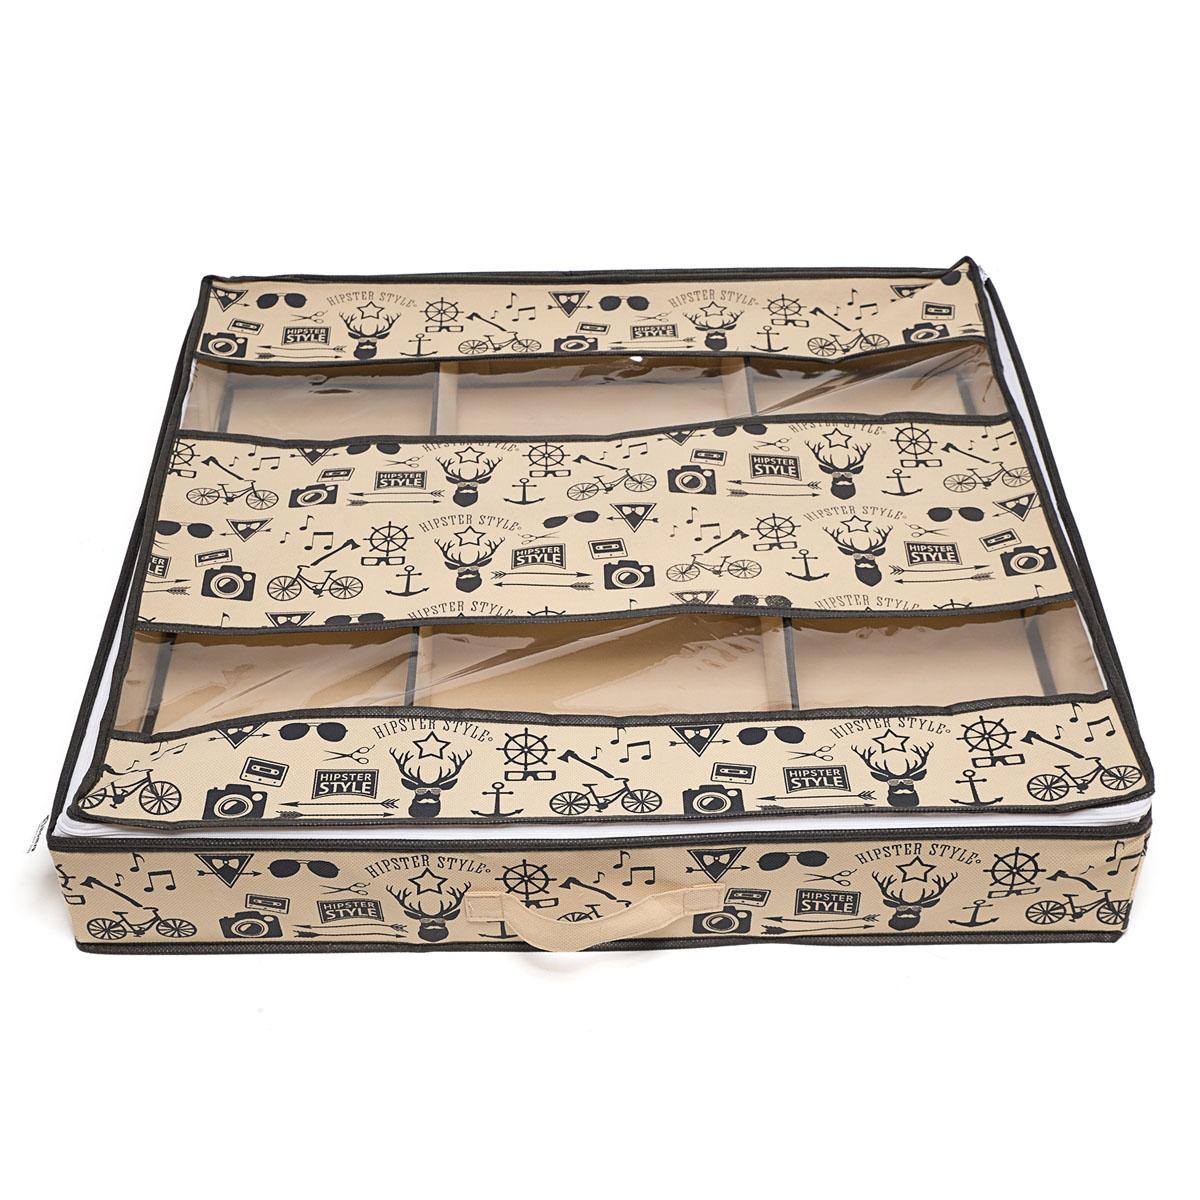 Органайзер для хранения обуви Hipster Style, 6 секций, 66 х 63 х 11 смHOM-120Компактный складной органайзер Homsu Hipster Style изготовлен из высококачественного полиэстера, который обеспечивает естественную вентиляцию. Материал позволяет воздуху свободно проникать внутрь, но не пропускает пыль. Органайзер отлично держит форму, благодаря вставкам из плотного картона. Изделие имеет 6 секций для хранения обуви. Такой органайзер позволит вам хранить вещи компактно и удобно. Размер секции: 20 х 32 см.